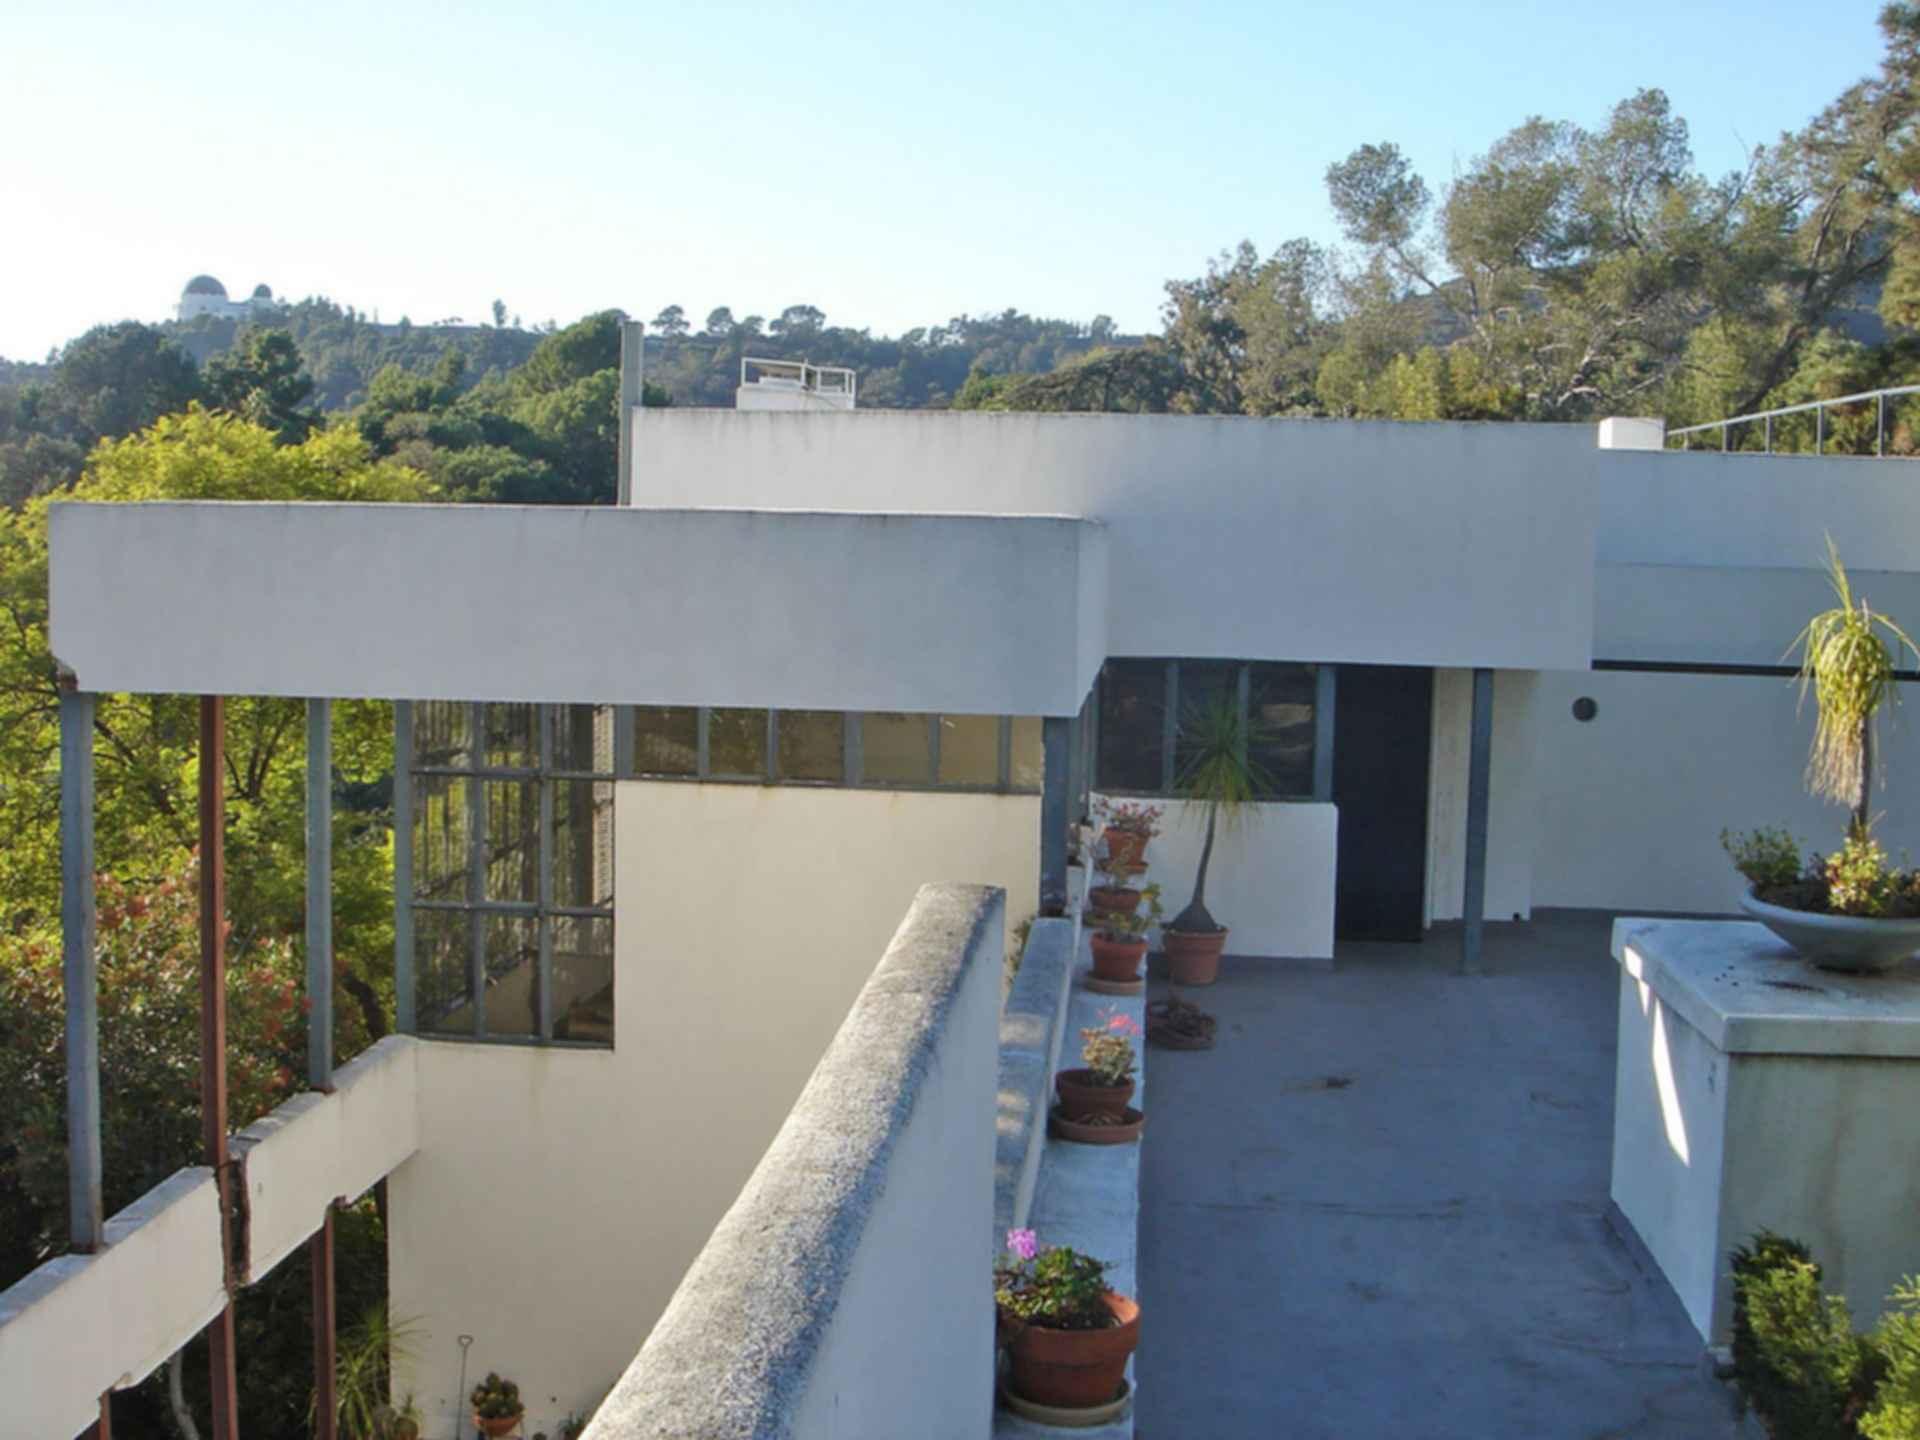 Lovell Beach House - Exterior/Rooftop